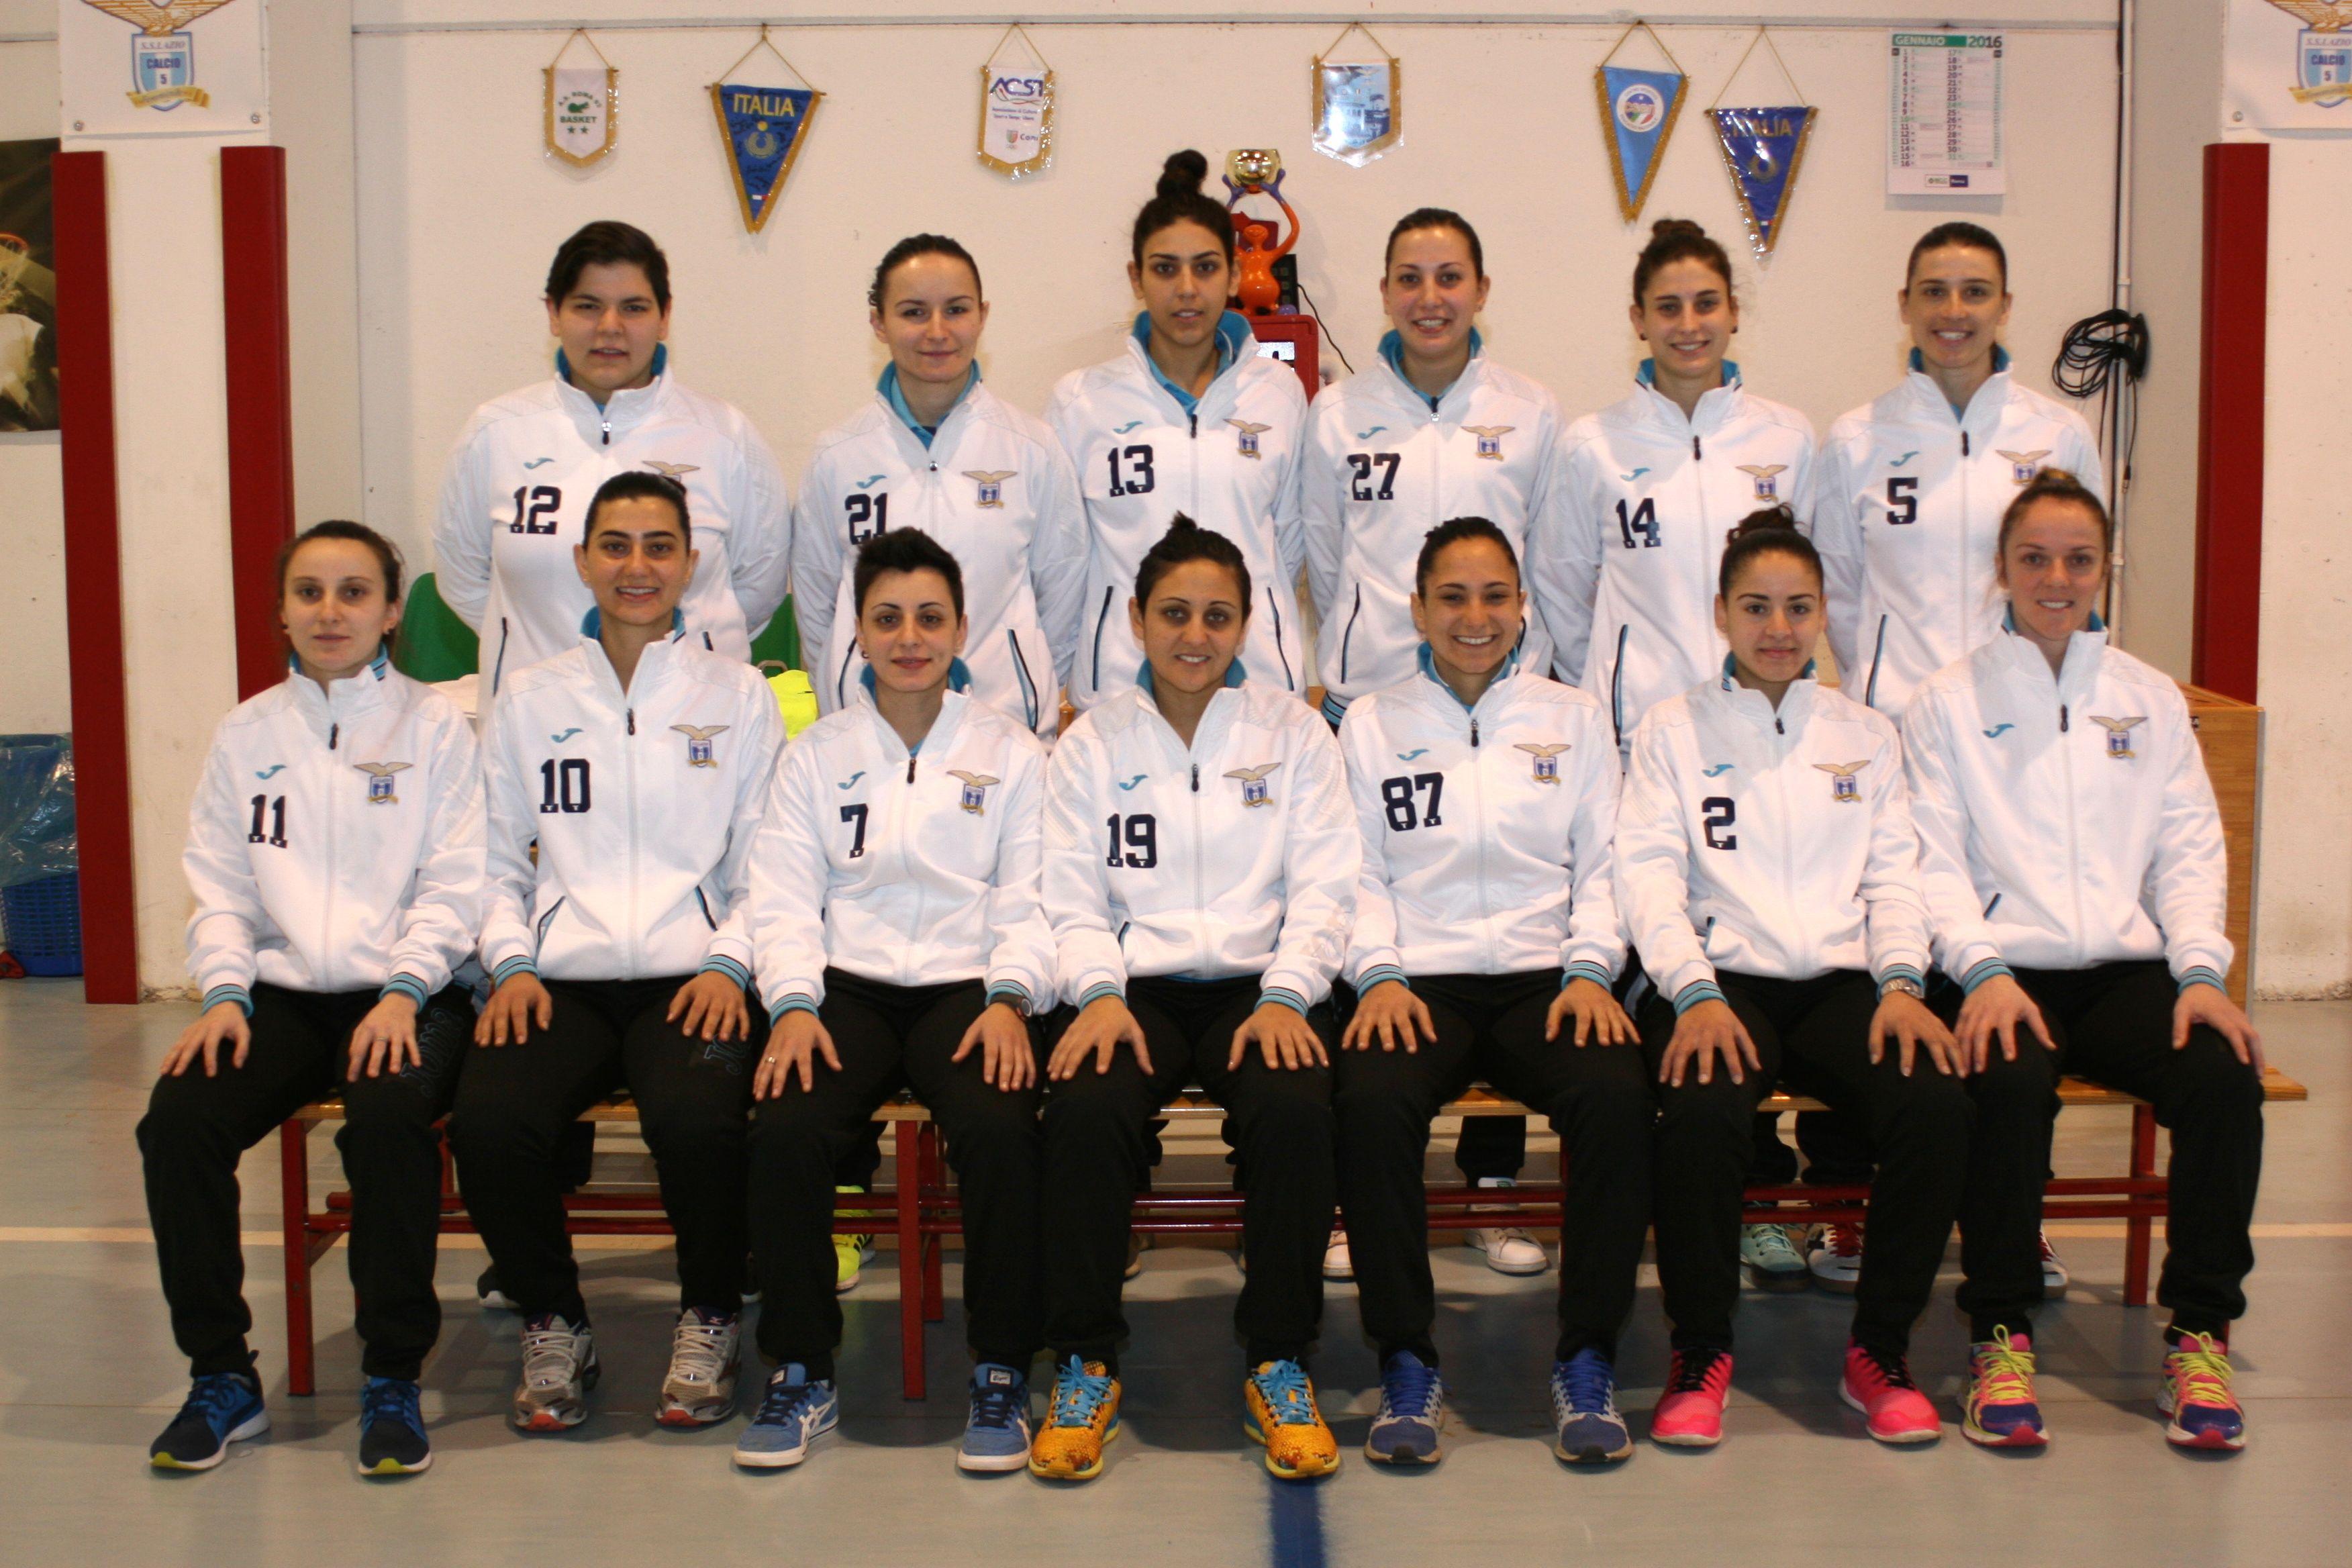 SS Lazio c5 femminile 2015-2016